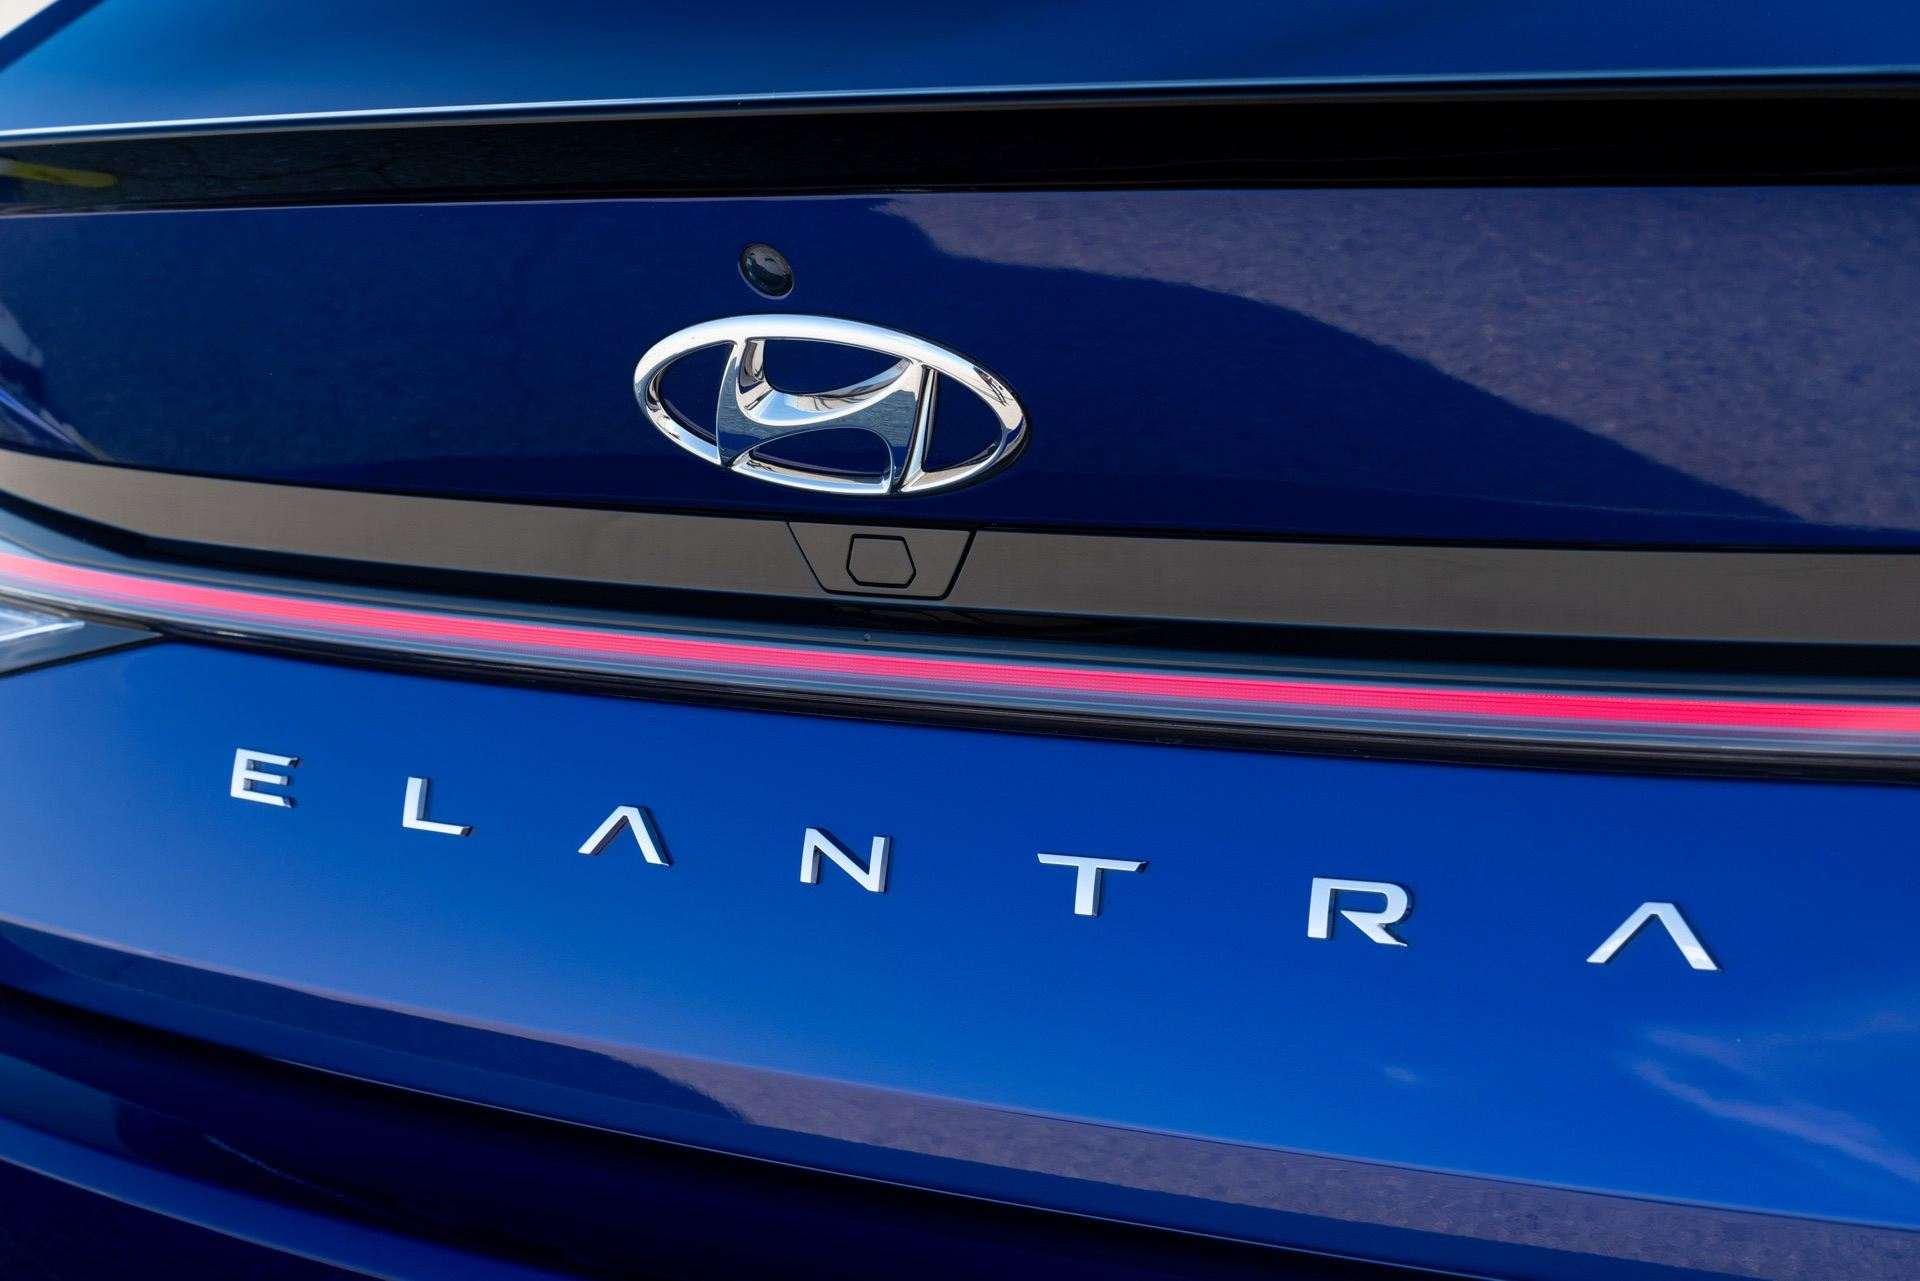 Hyundai-Elantra-N-Line-i30-Sedan-56